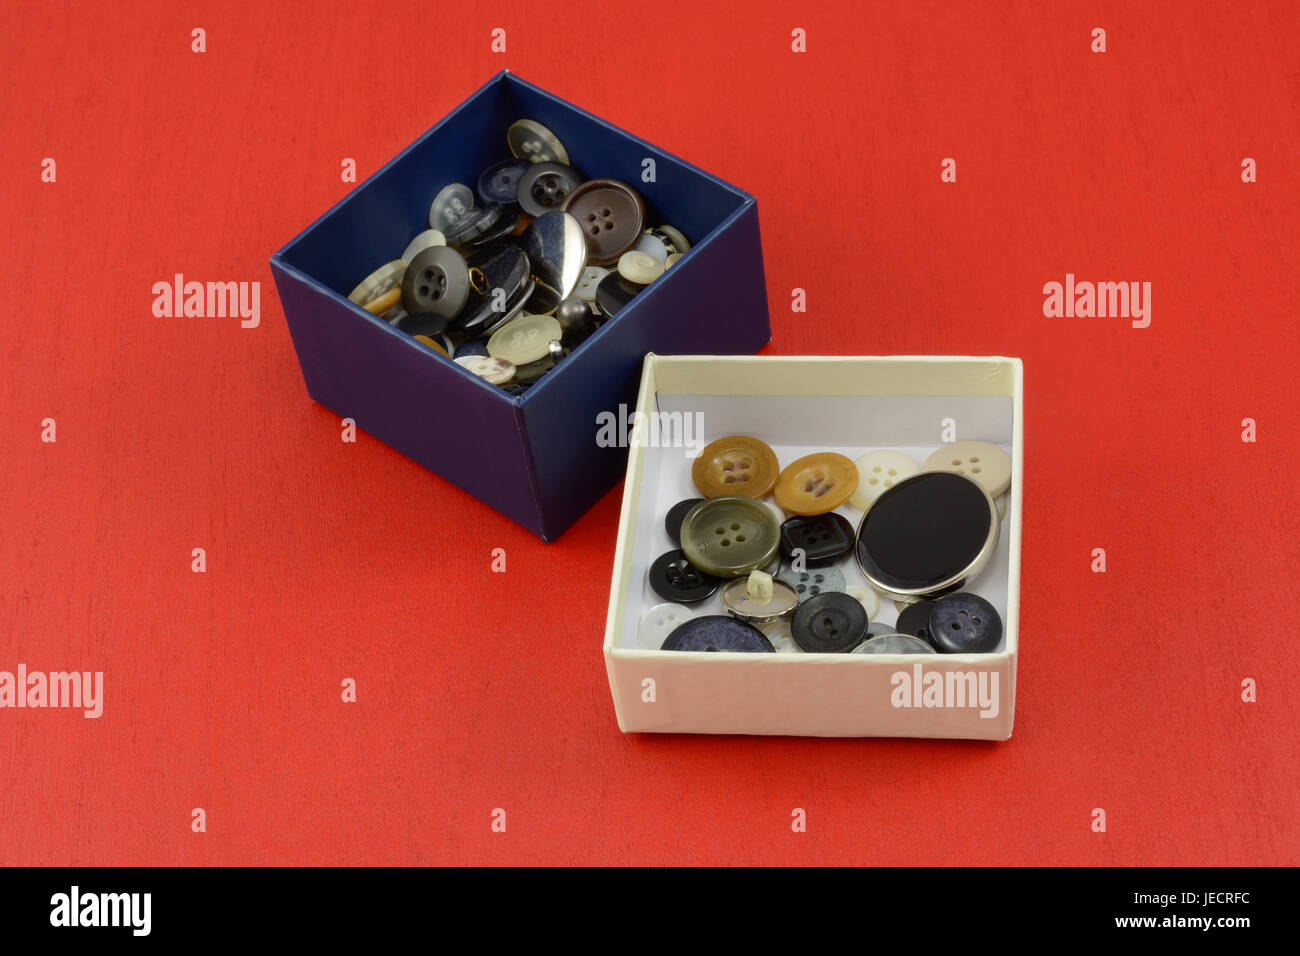 Colección de botones en cuadros blancos y azules sobre fondo de madera roja Foto de stock